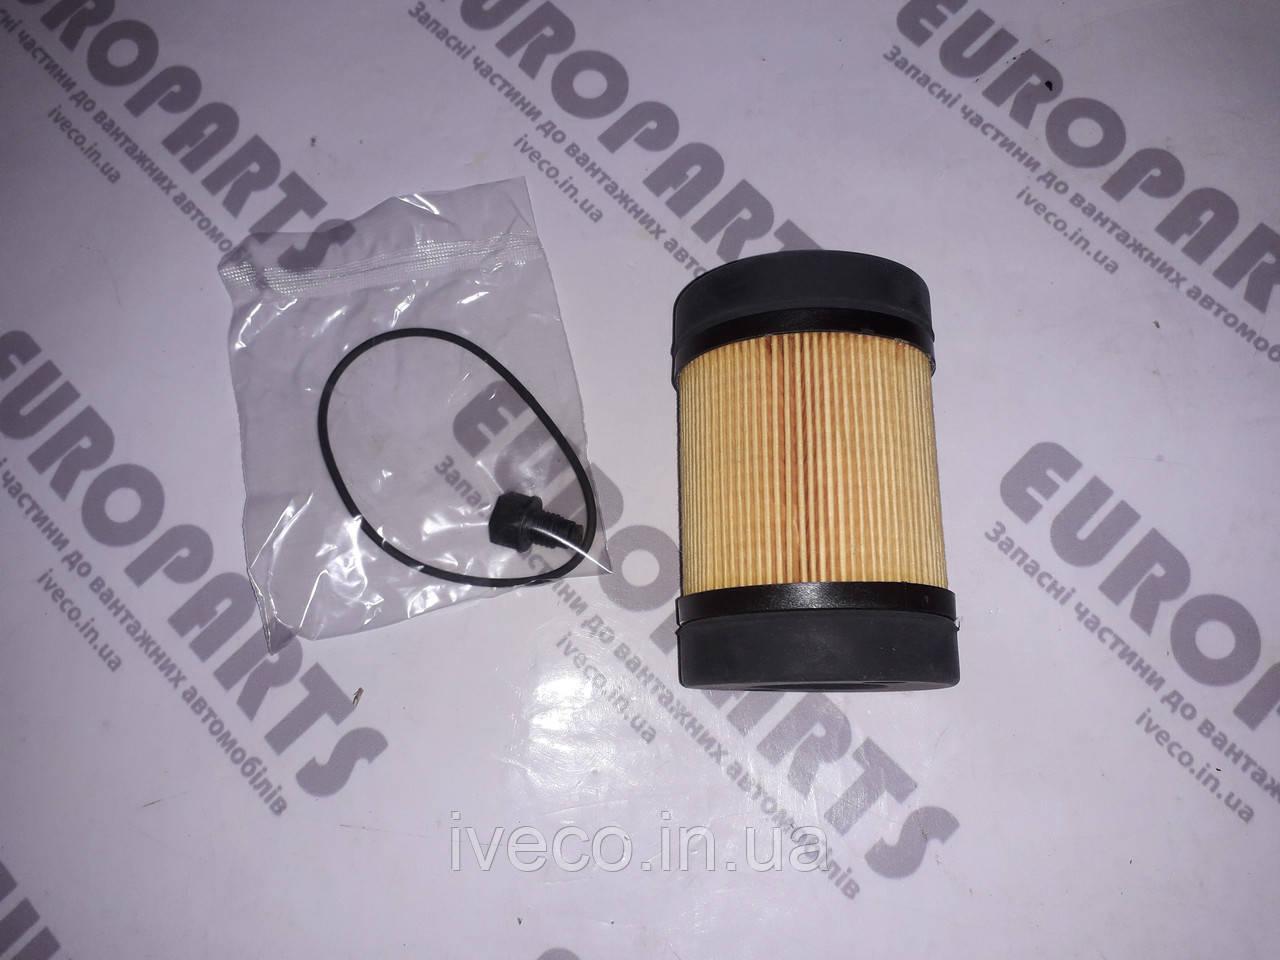 Фильтр насоса, фильтр мочевины AdBlueIVECO RENAULT VOLVO 1457436006 E100UD160 U630XKIT 2.14900 Euro 5